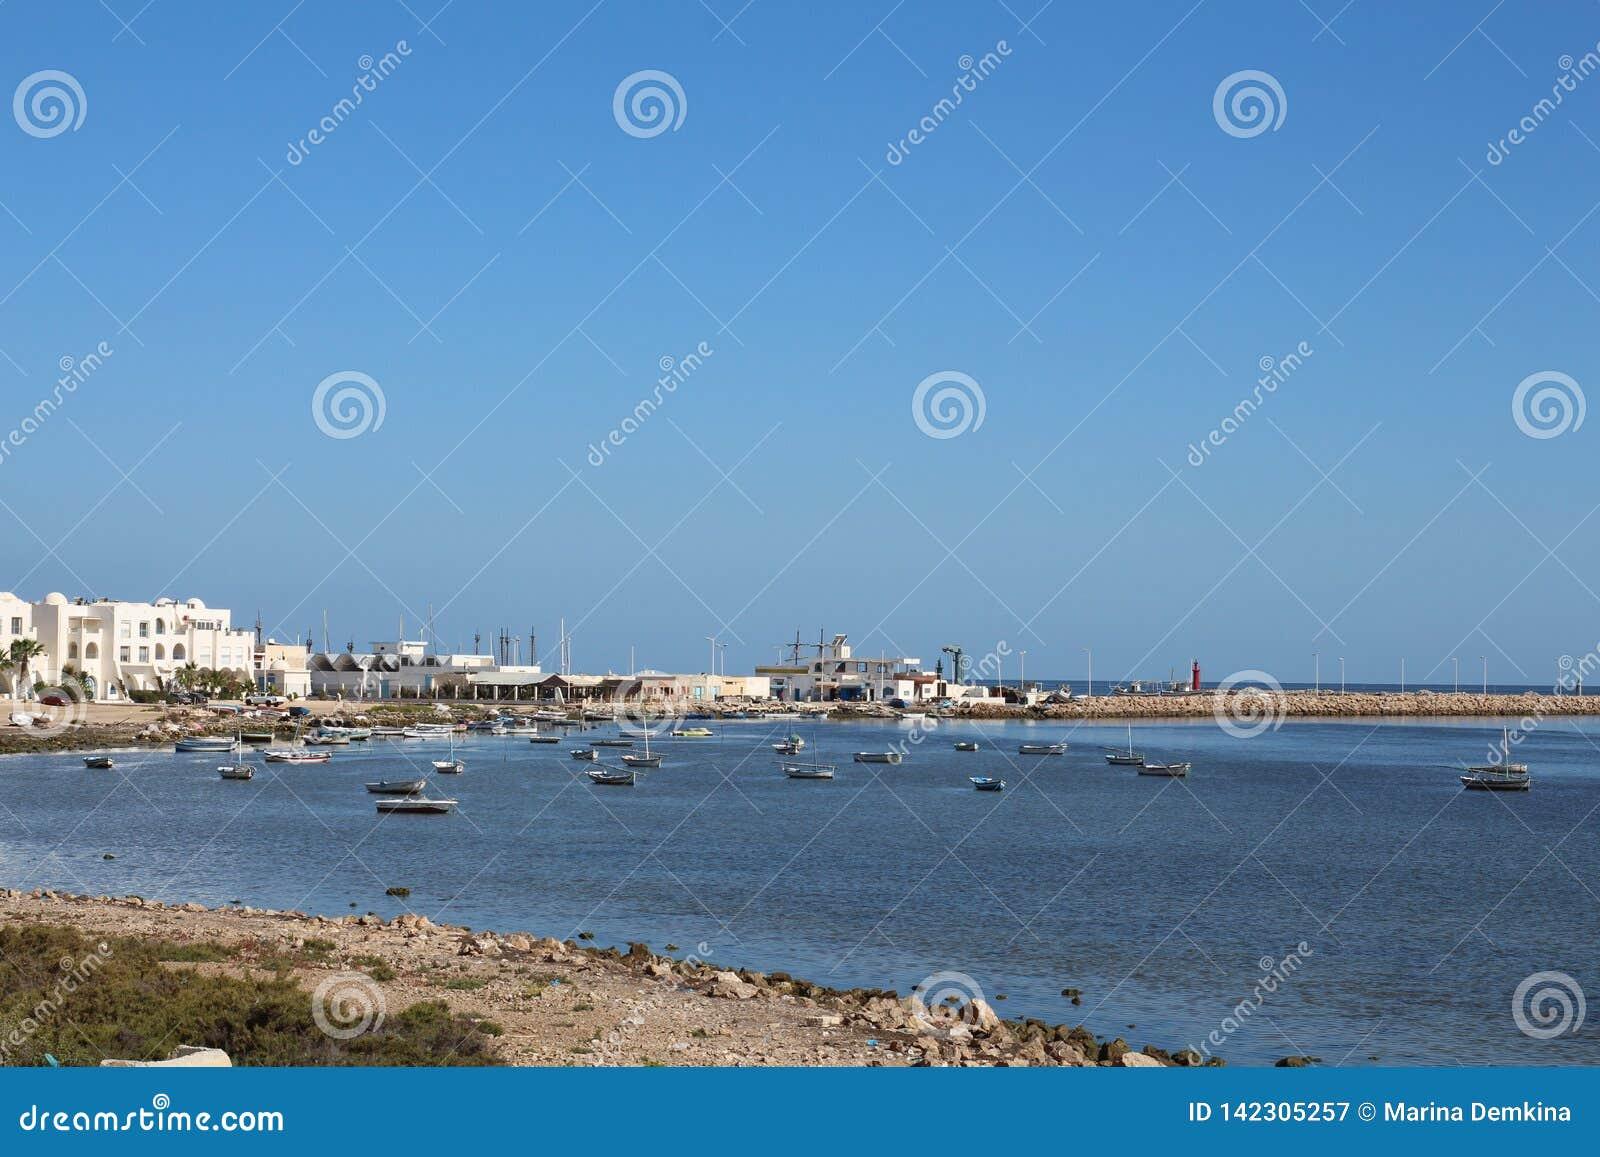 Άποψη των αλιευτικών σκαφών που στέκονται κοντά στην ακτή